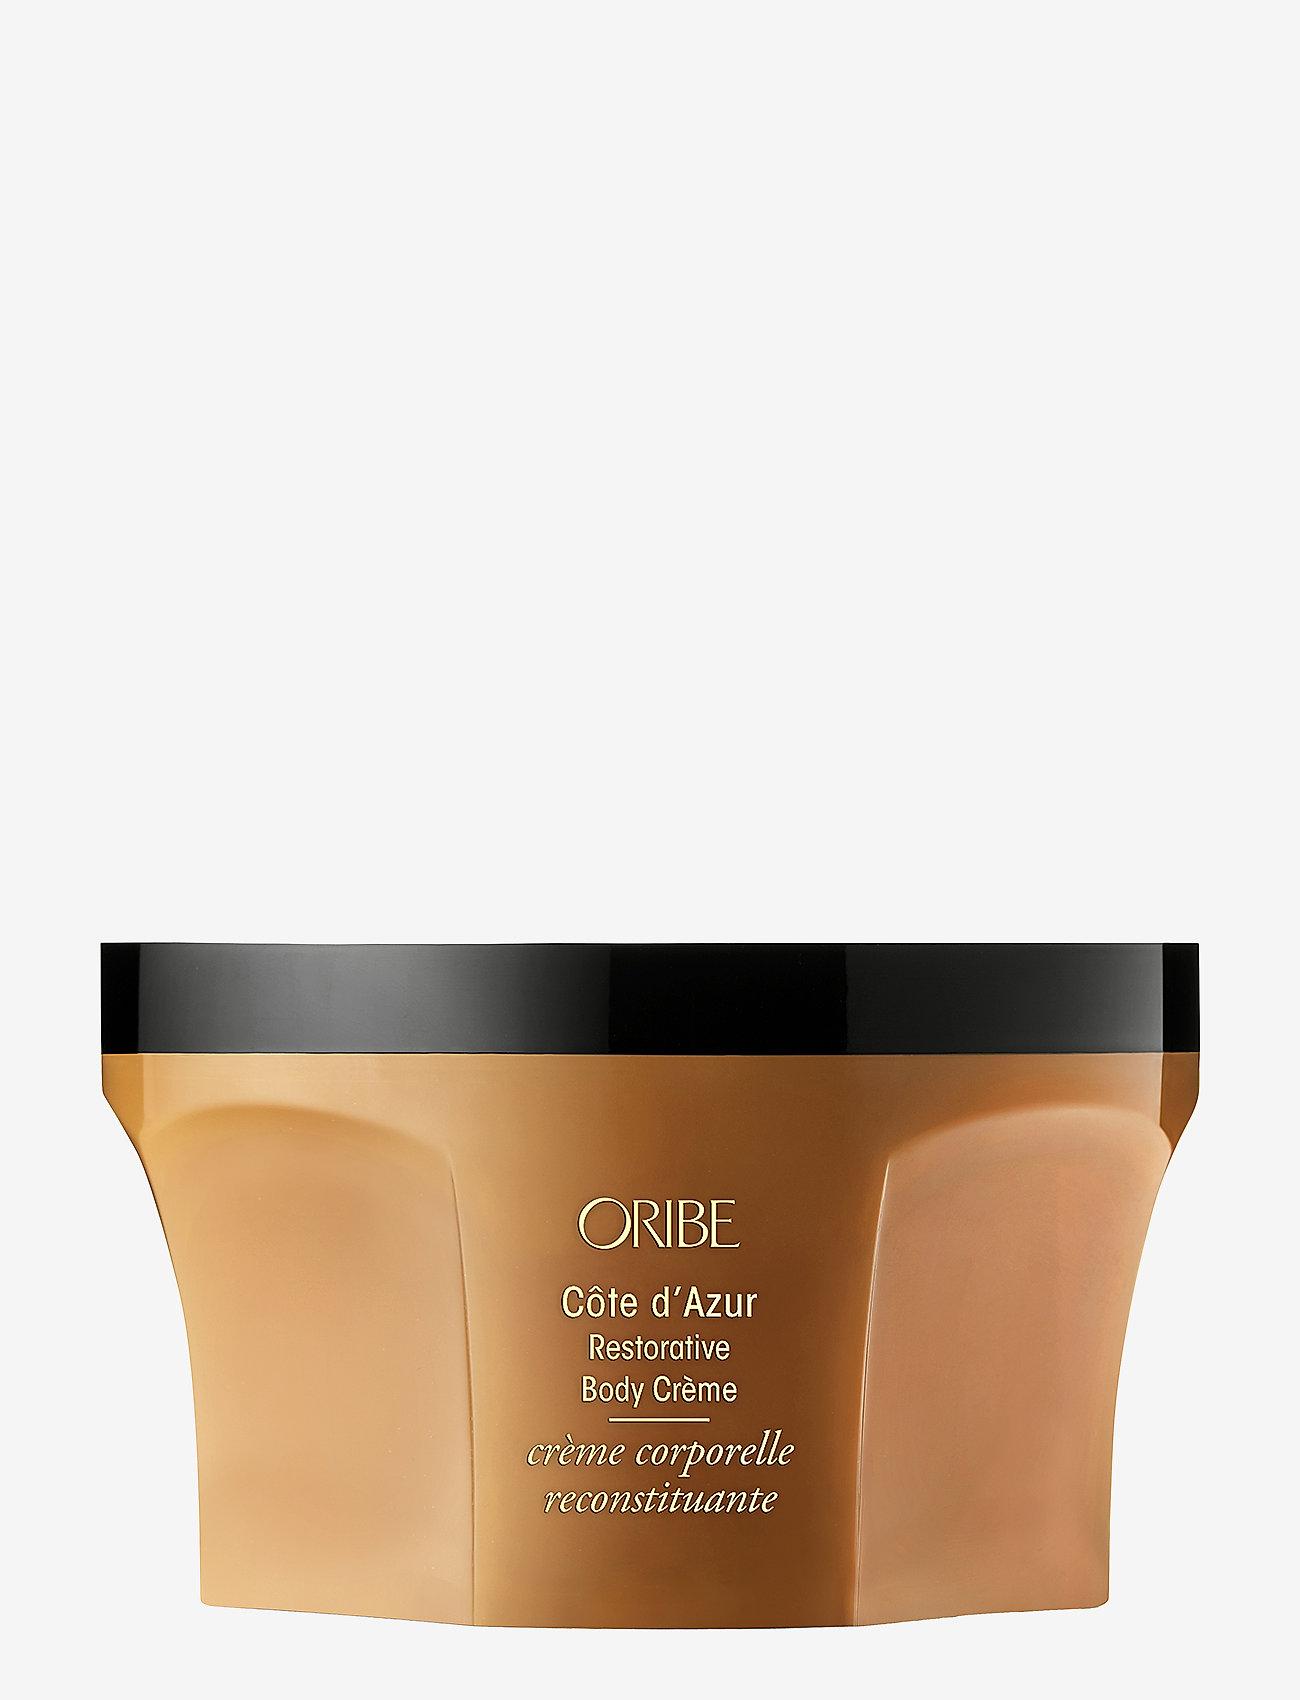 Oribe - Côte d'Azur Restorative Body Crème - body cream - clear